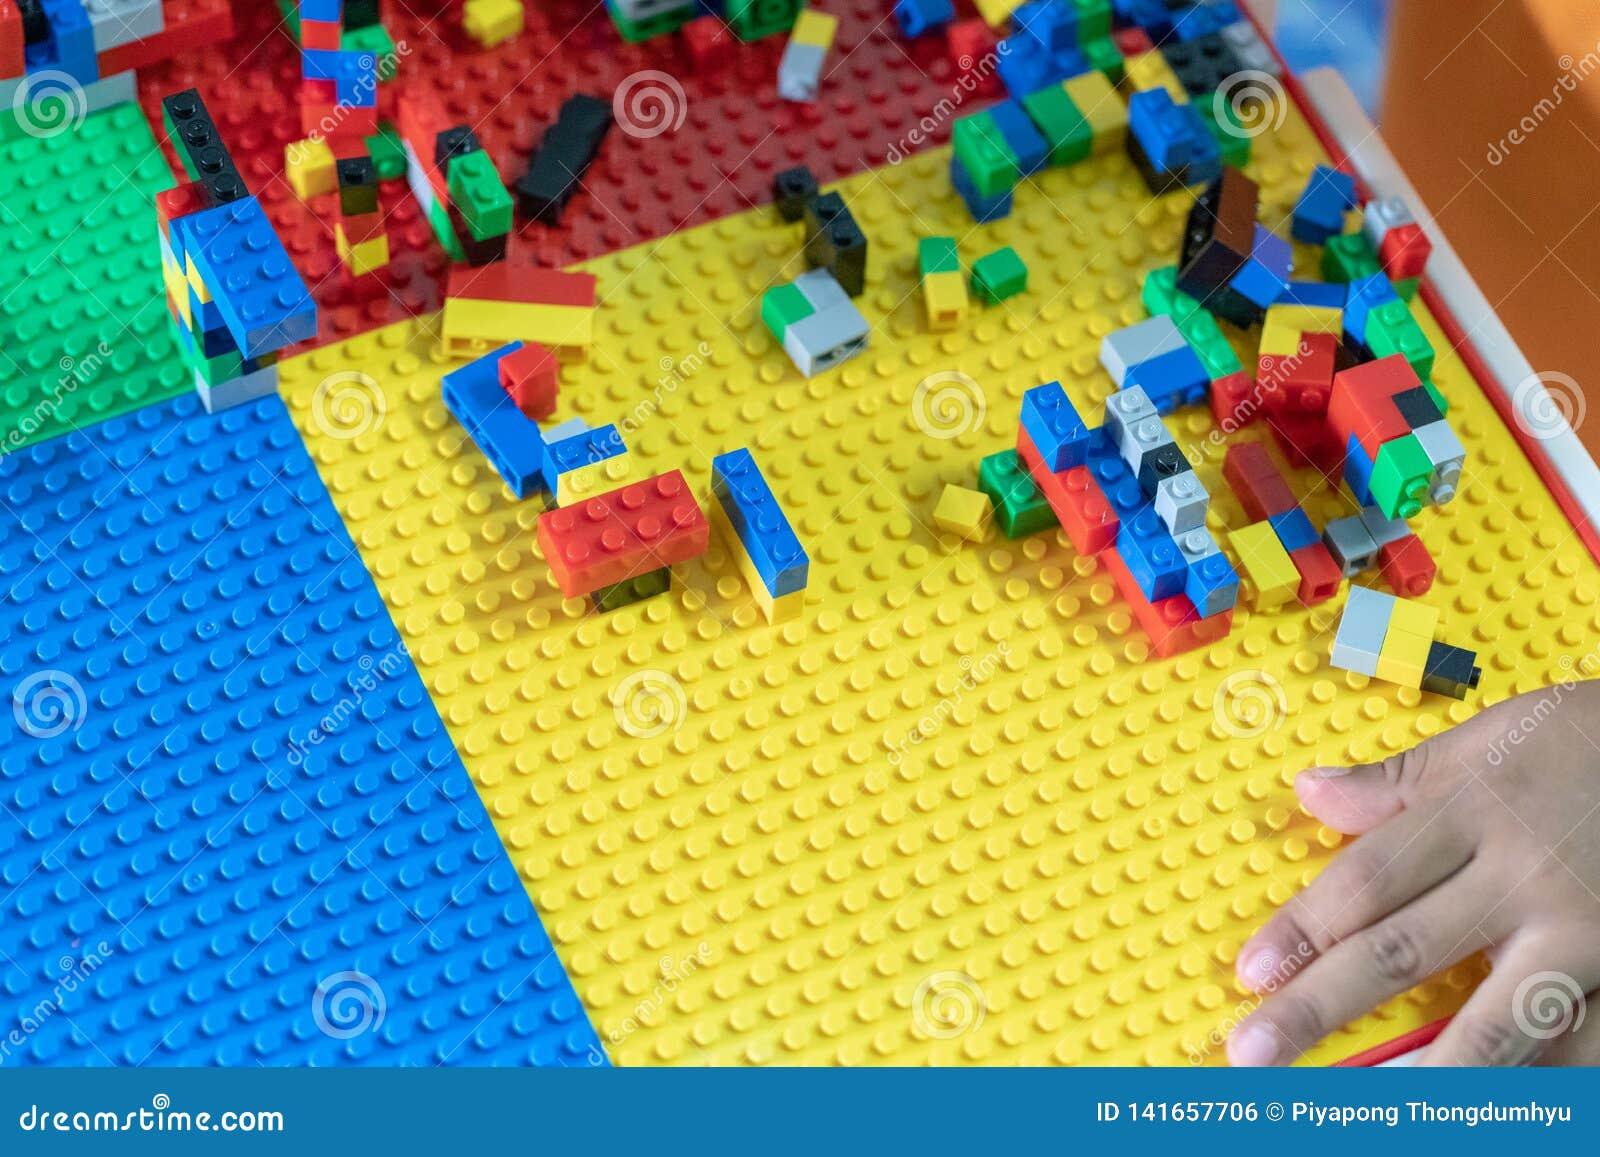 Τα μικρά παιδιά παίζουν τα παιχνίδια στη Βουλή